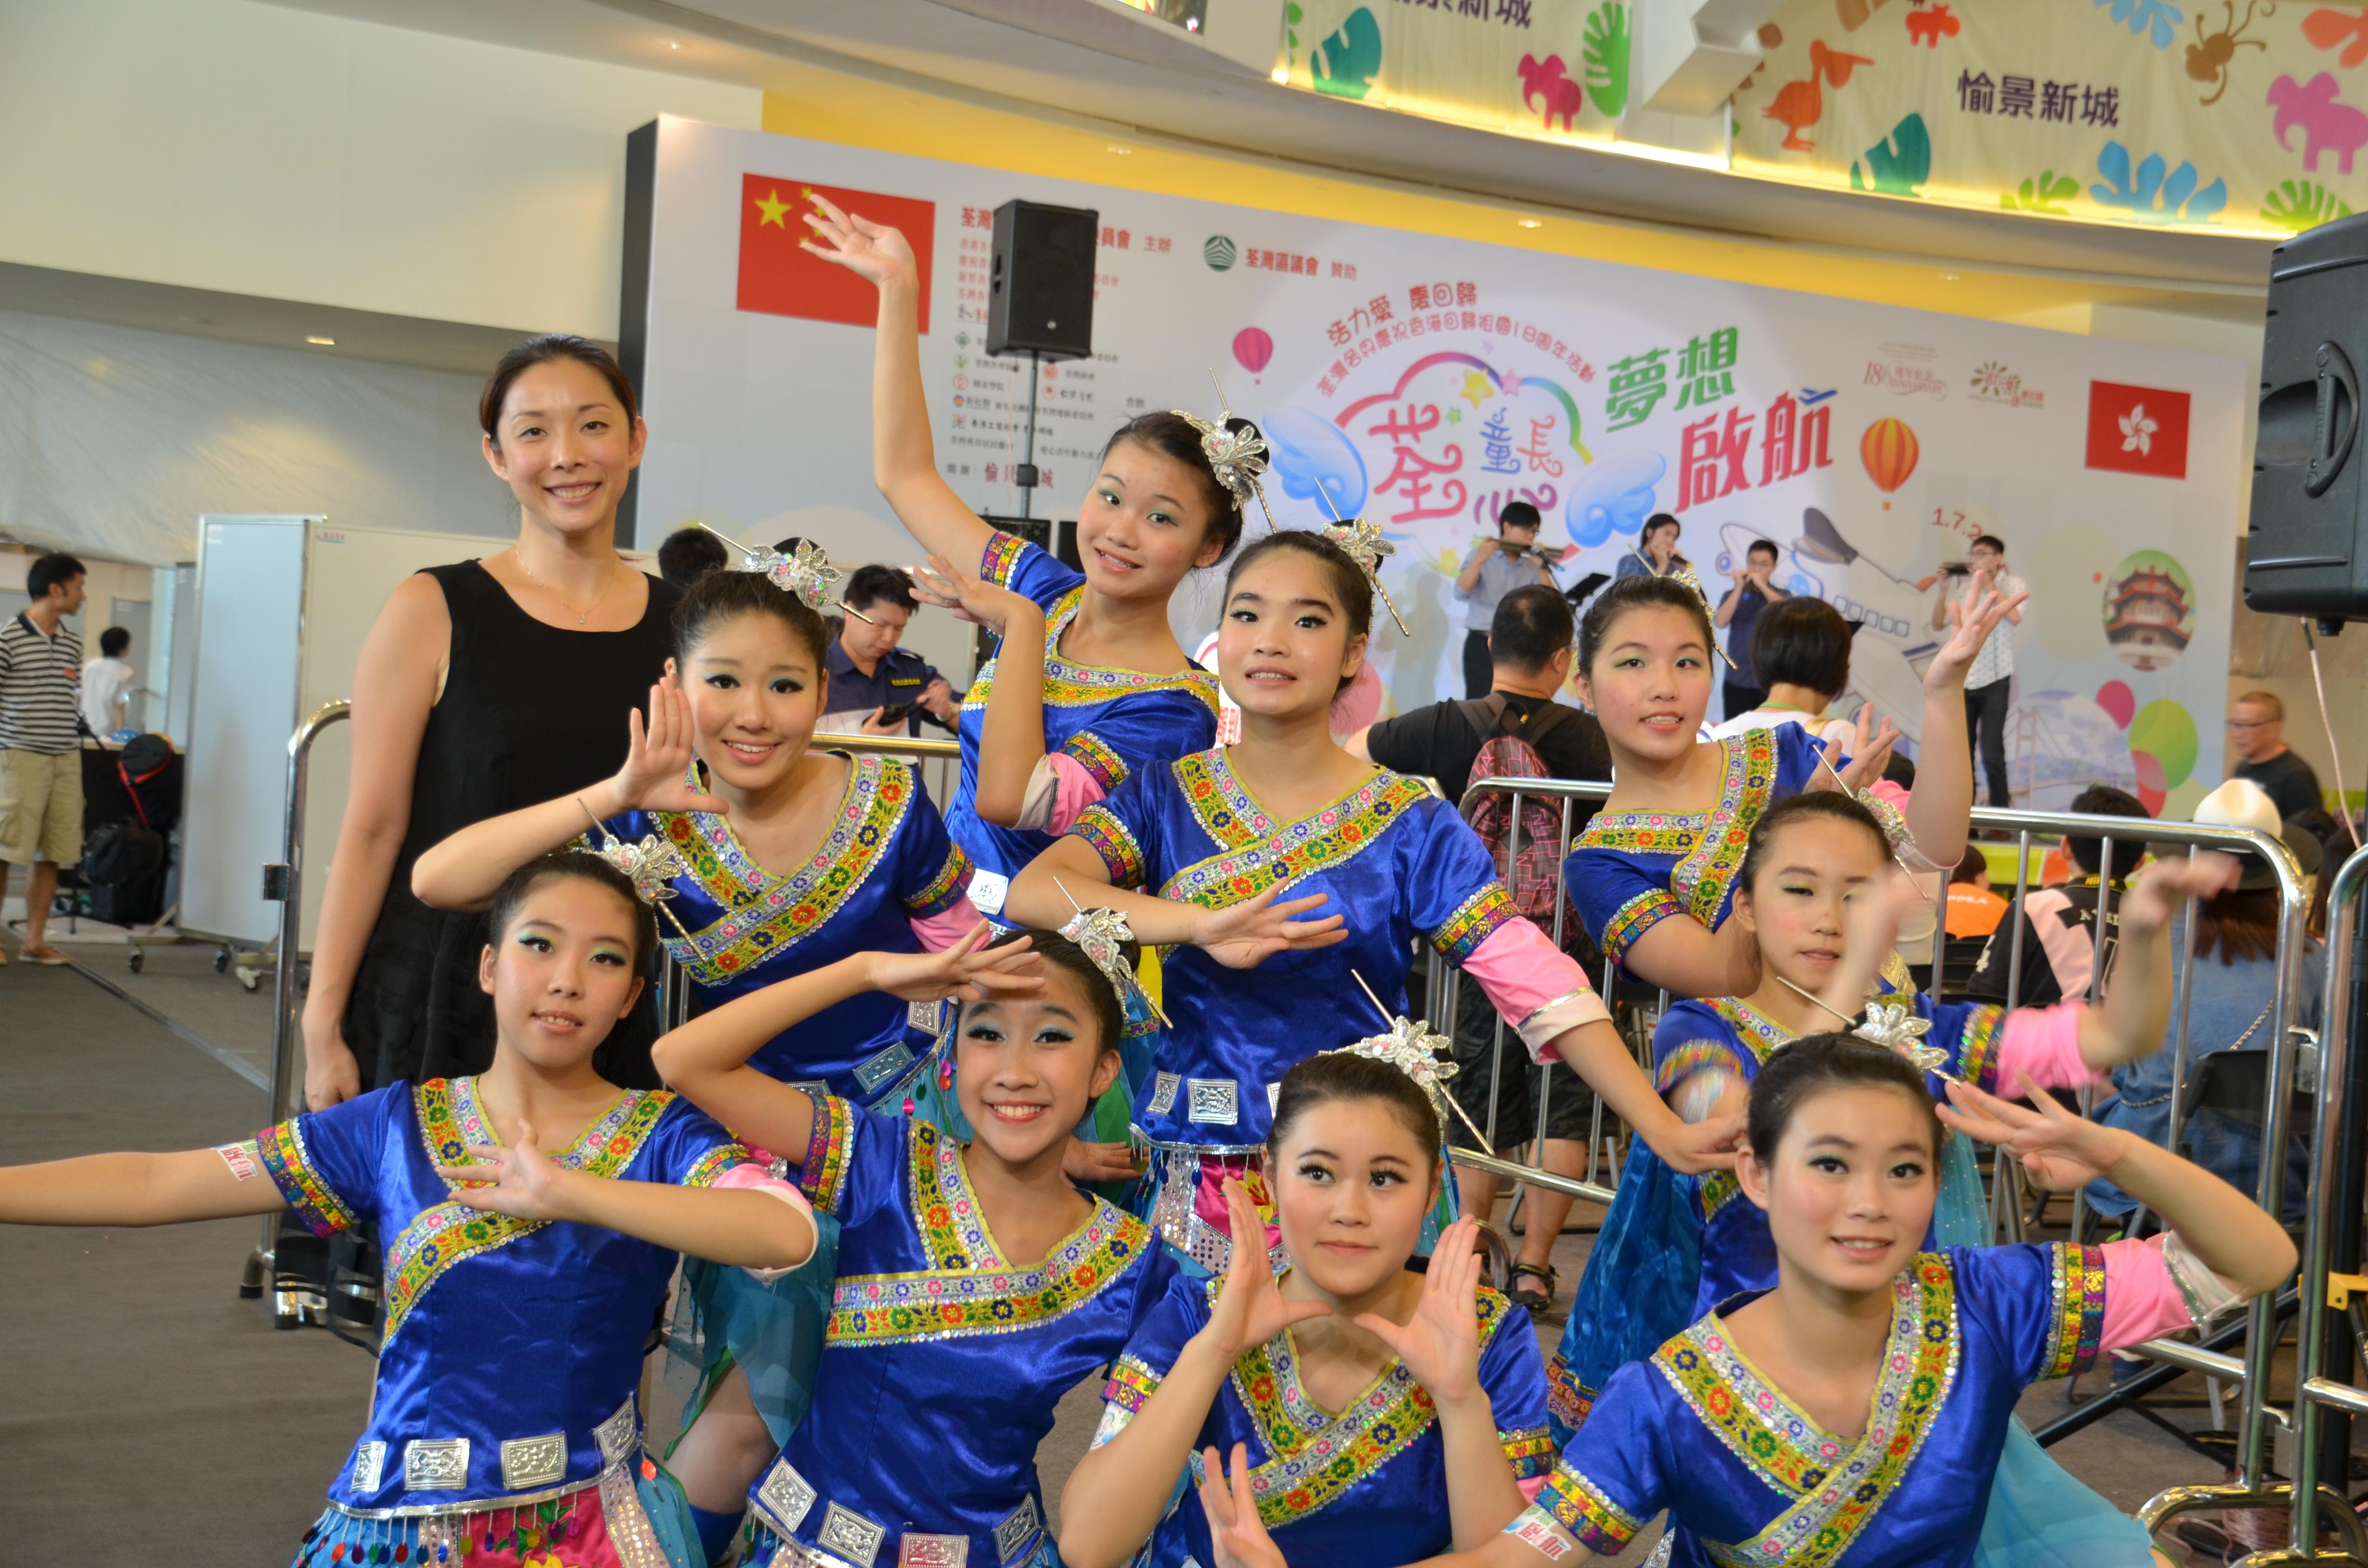 荃心童長愉樂無窮慶回歸表演2015 - 中國舞